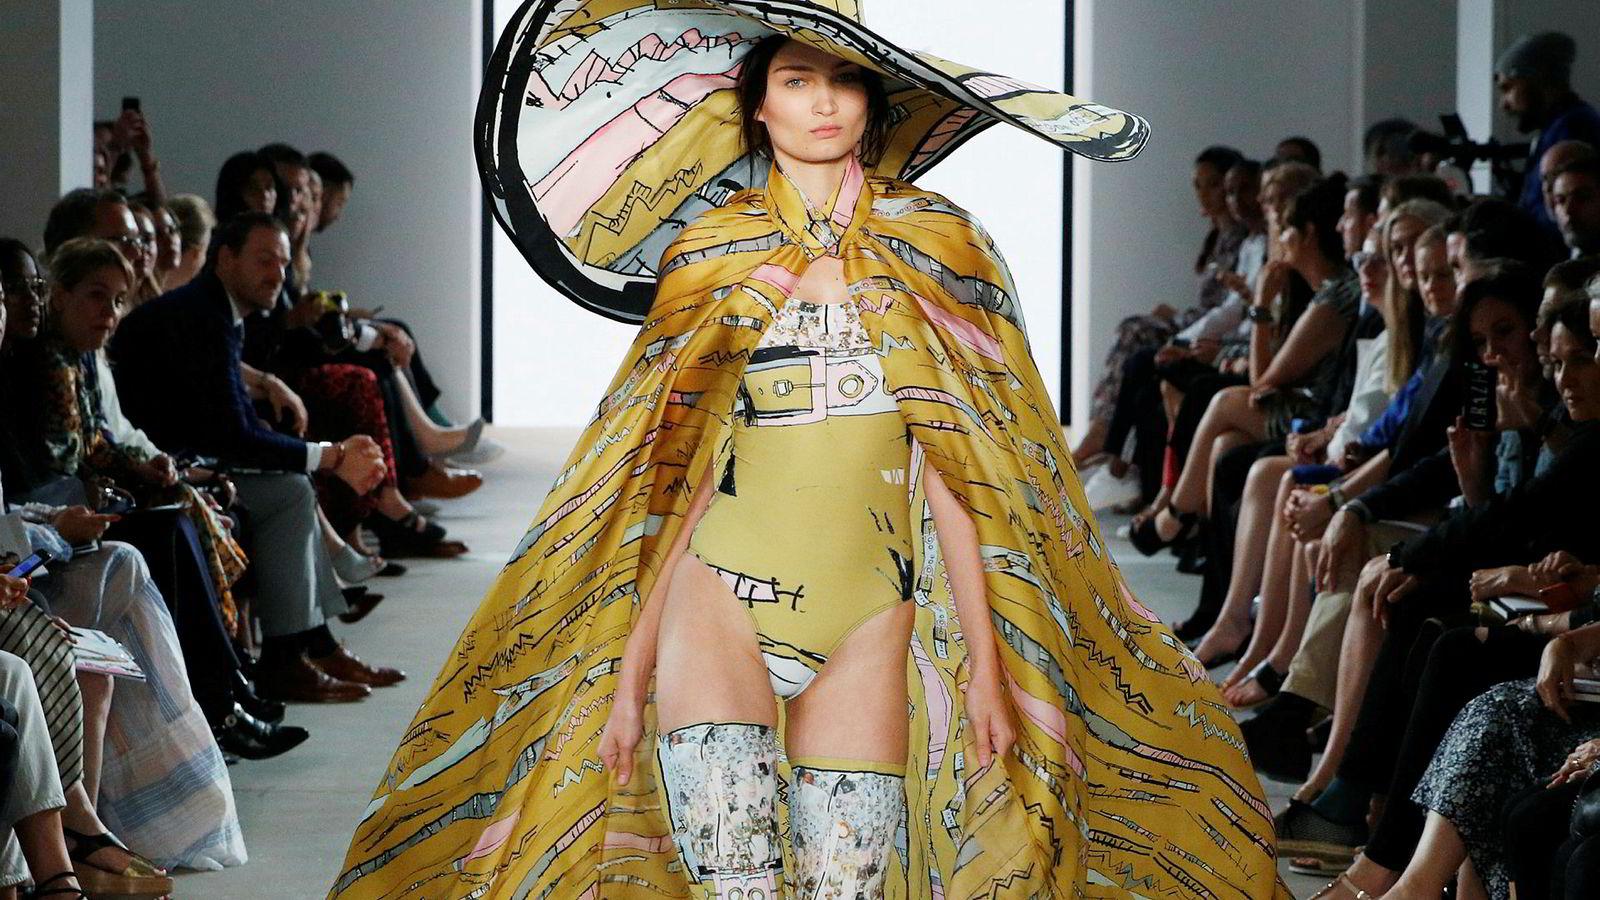 Norsk design vises også stadig oftere frem i prestisjemagasin som W og Vogue. Her vises klær fra den norske designeren Edda Gimnes under Mercedes-Benz mote uke i Berlin våren 2018.